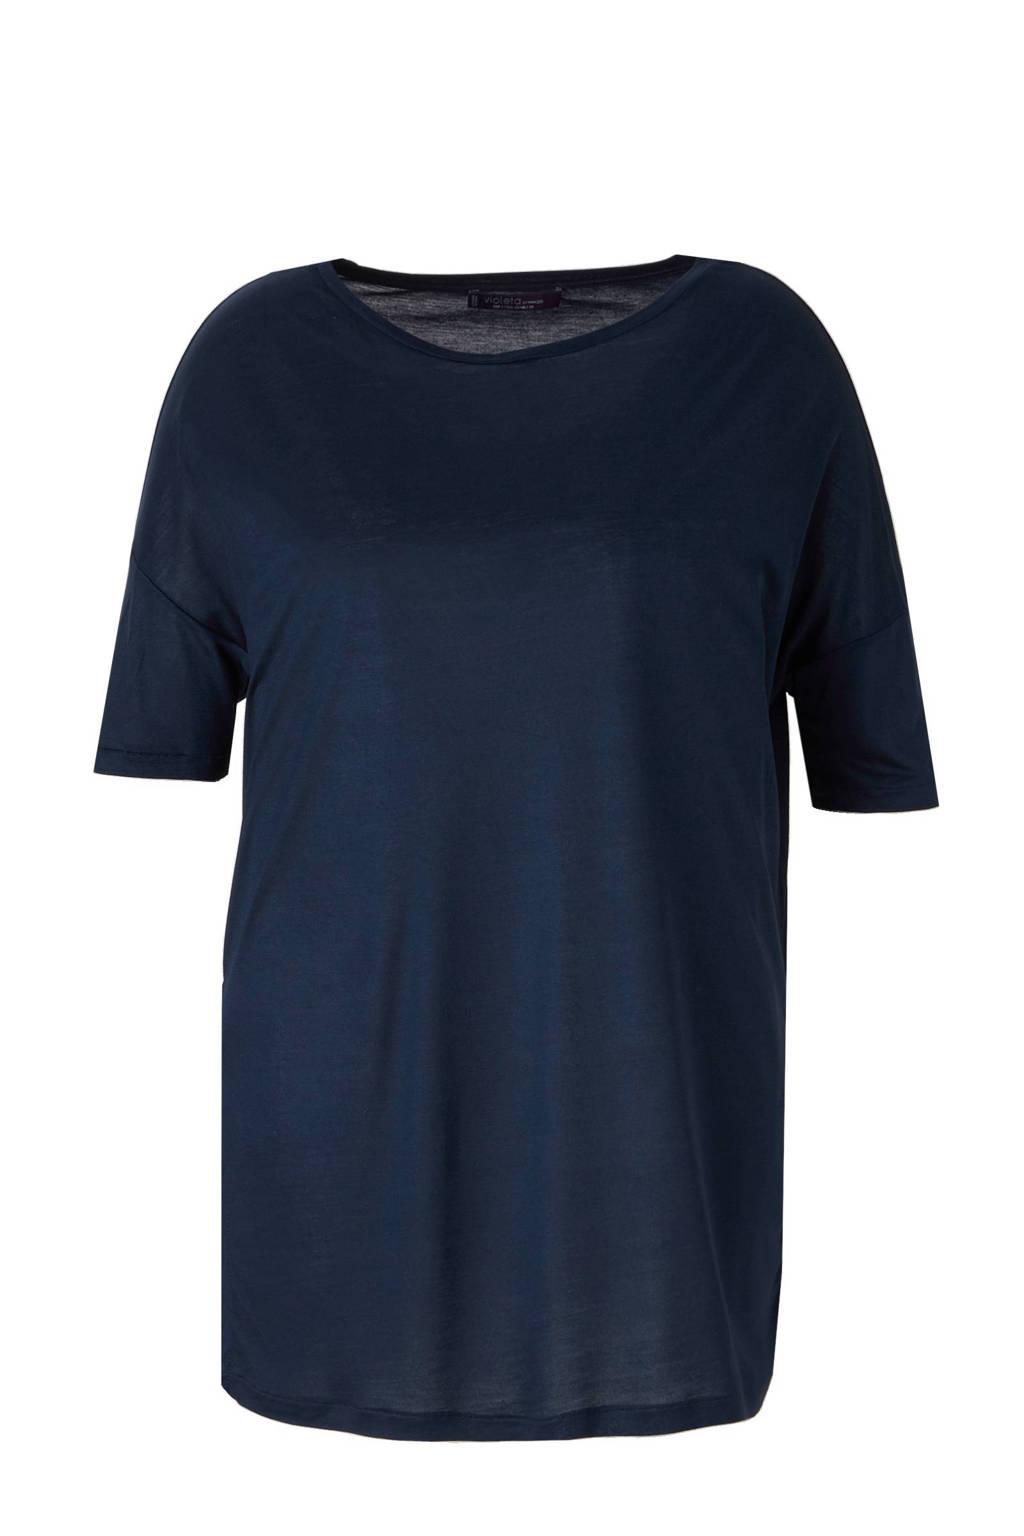 Violeta by Mango T-shirt marineblauw, Marineblauw